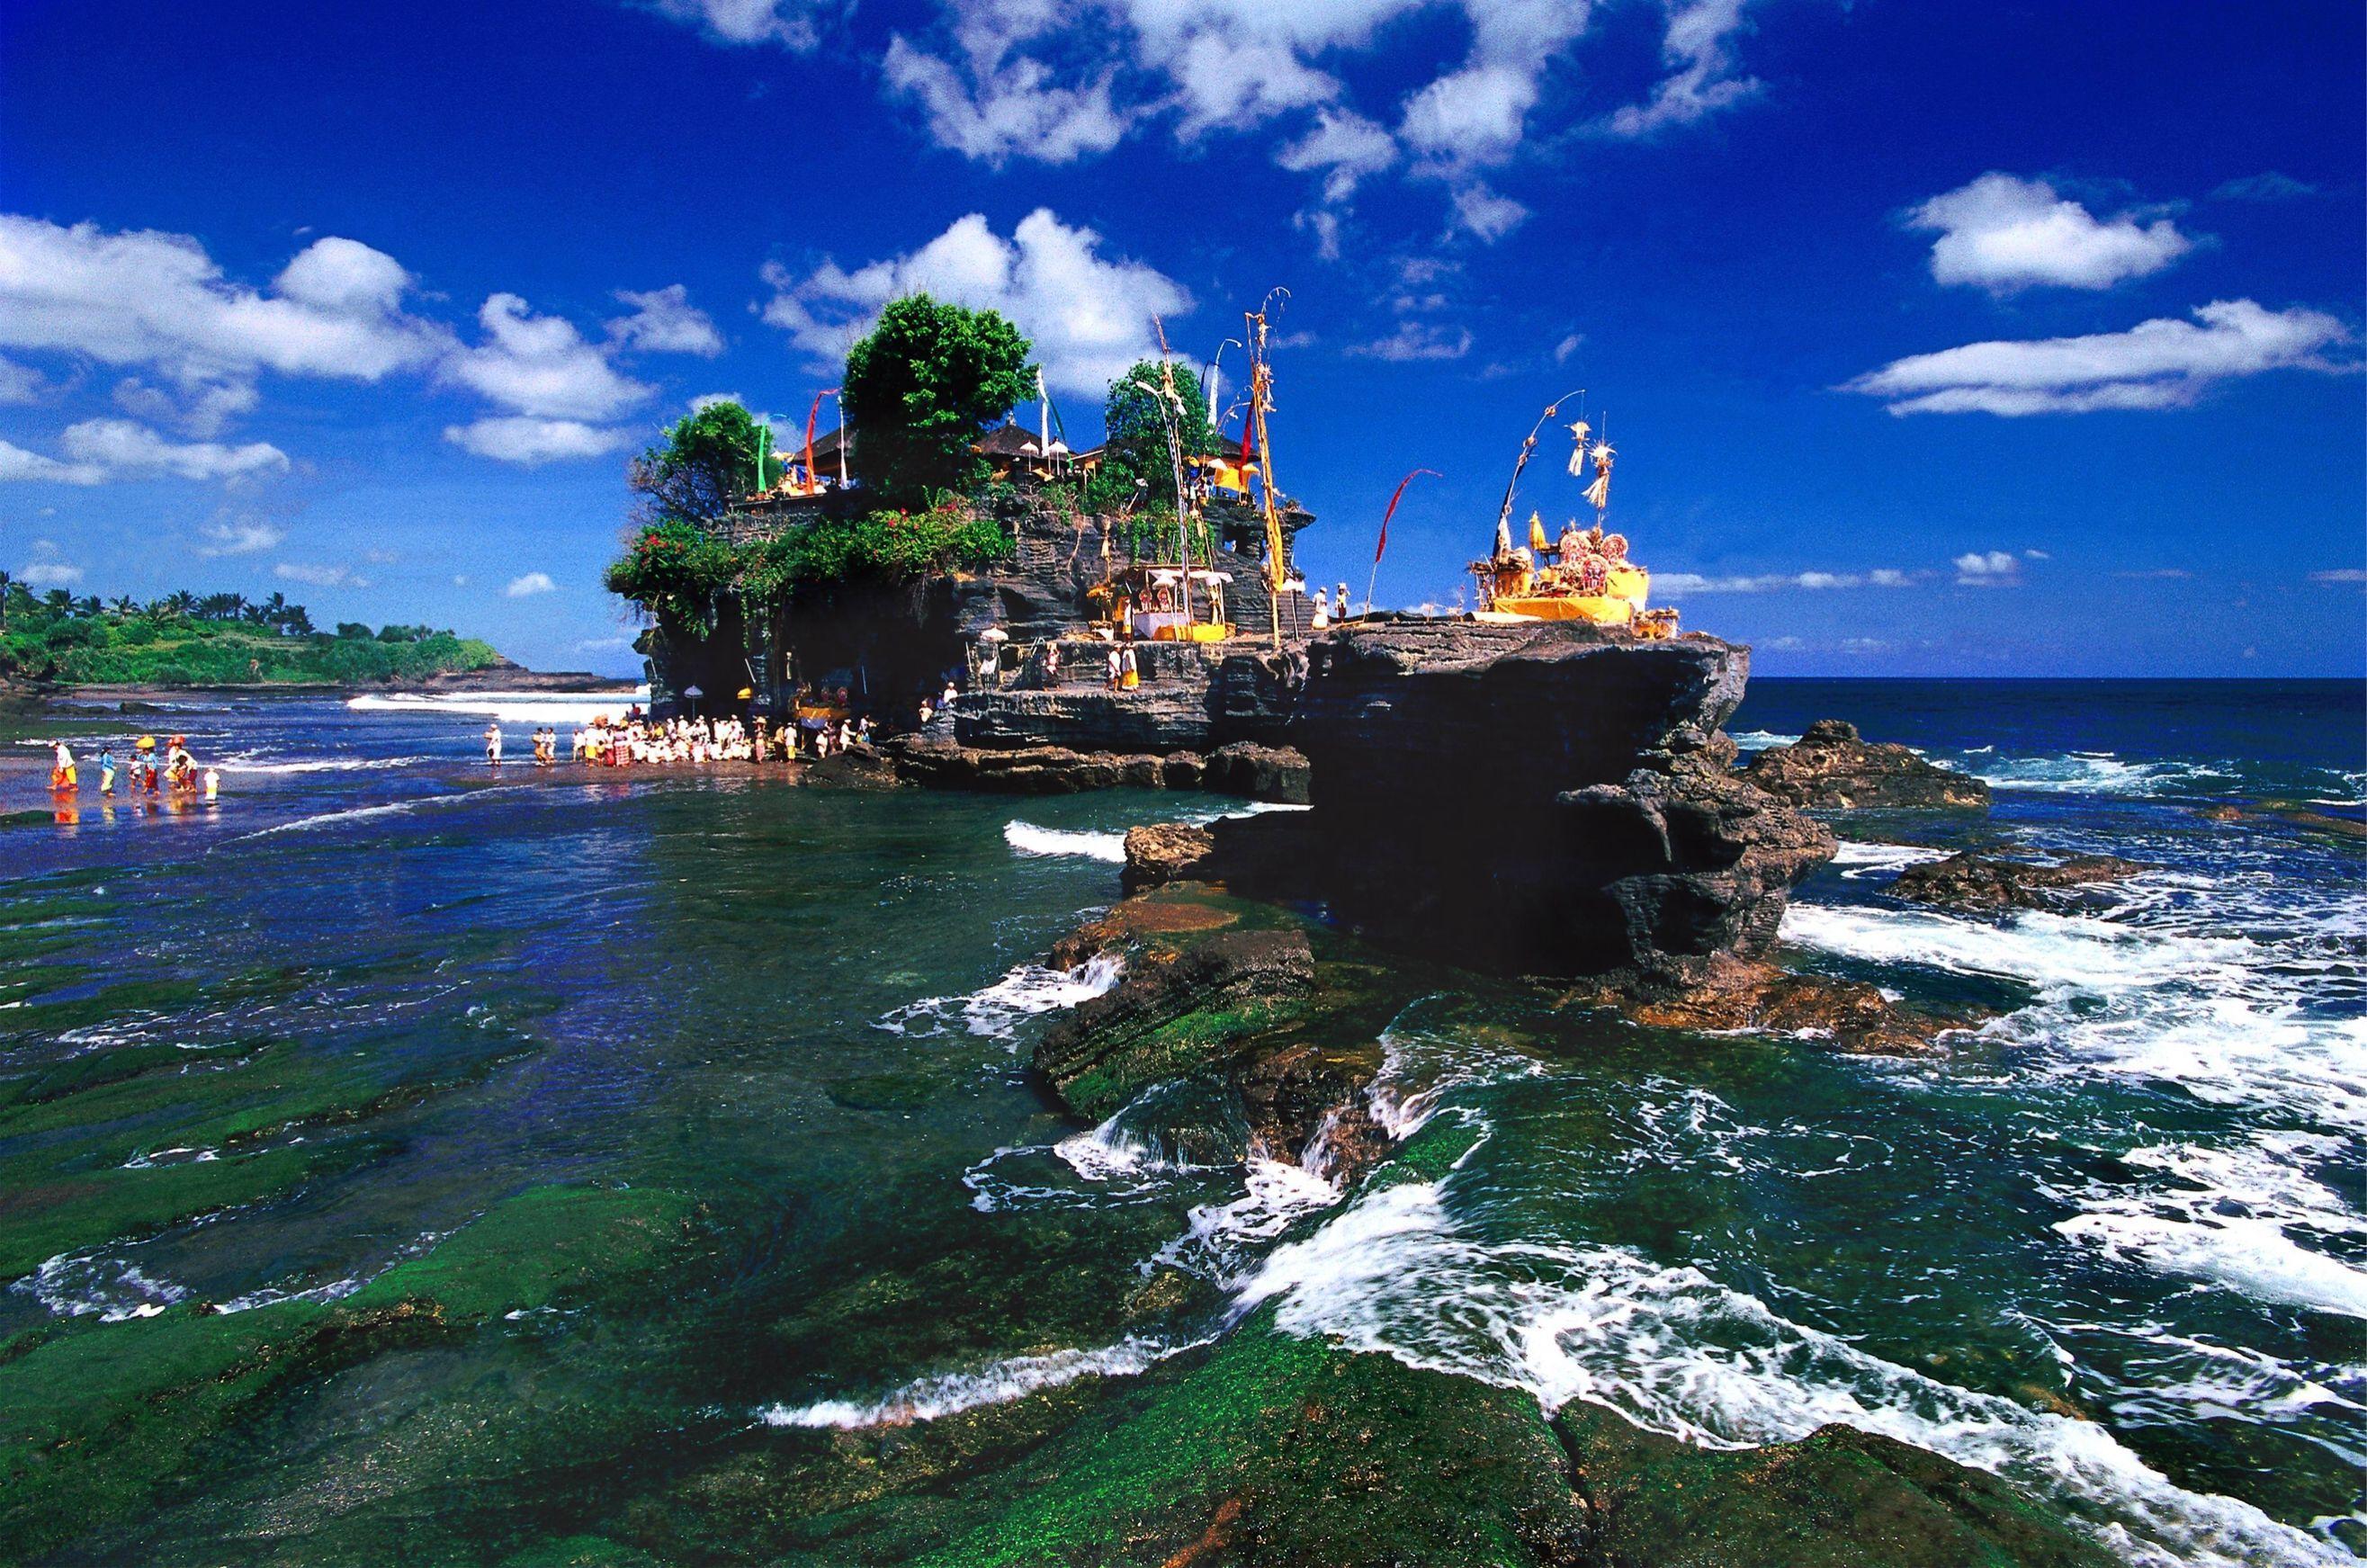 Bali Indonesia HD Wallpapers Top Free Bali Indonesia HD